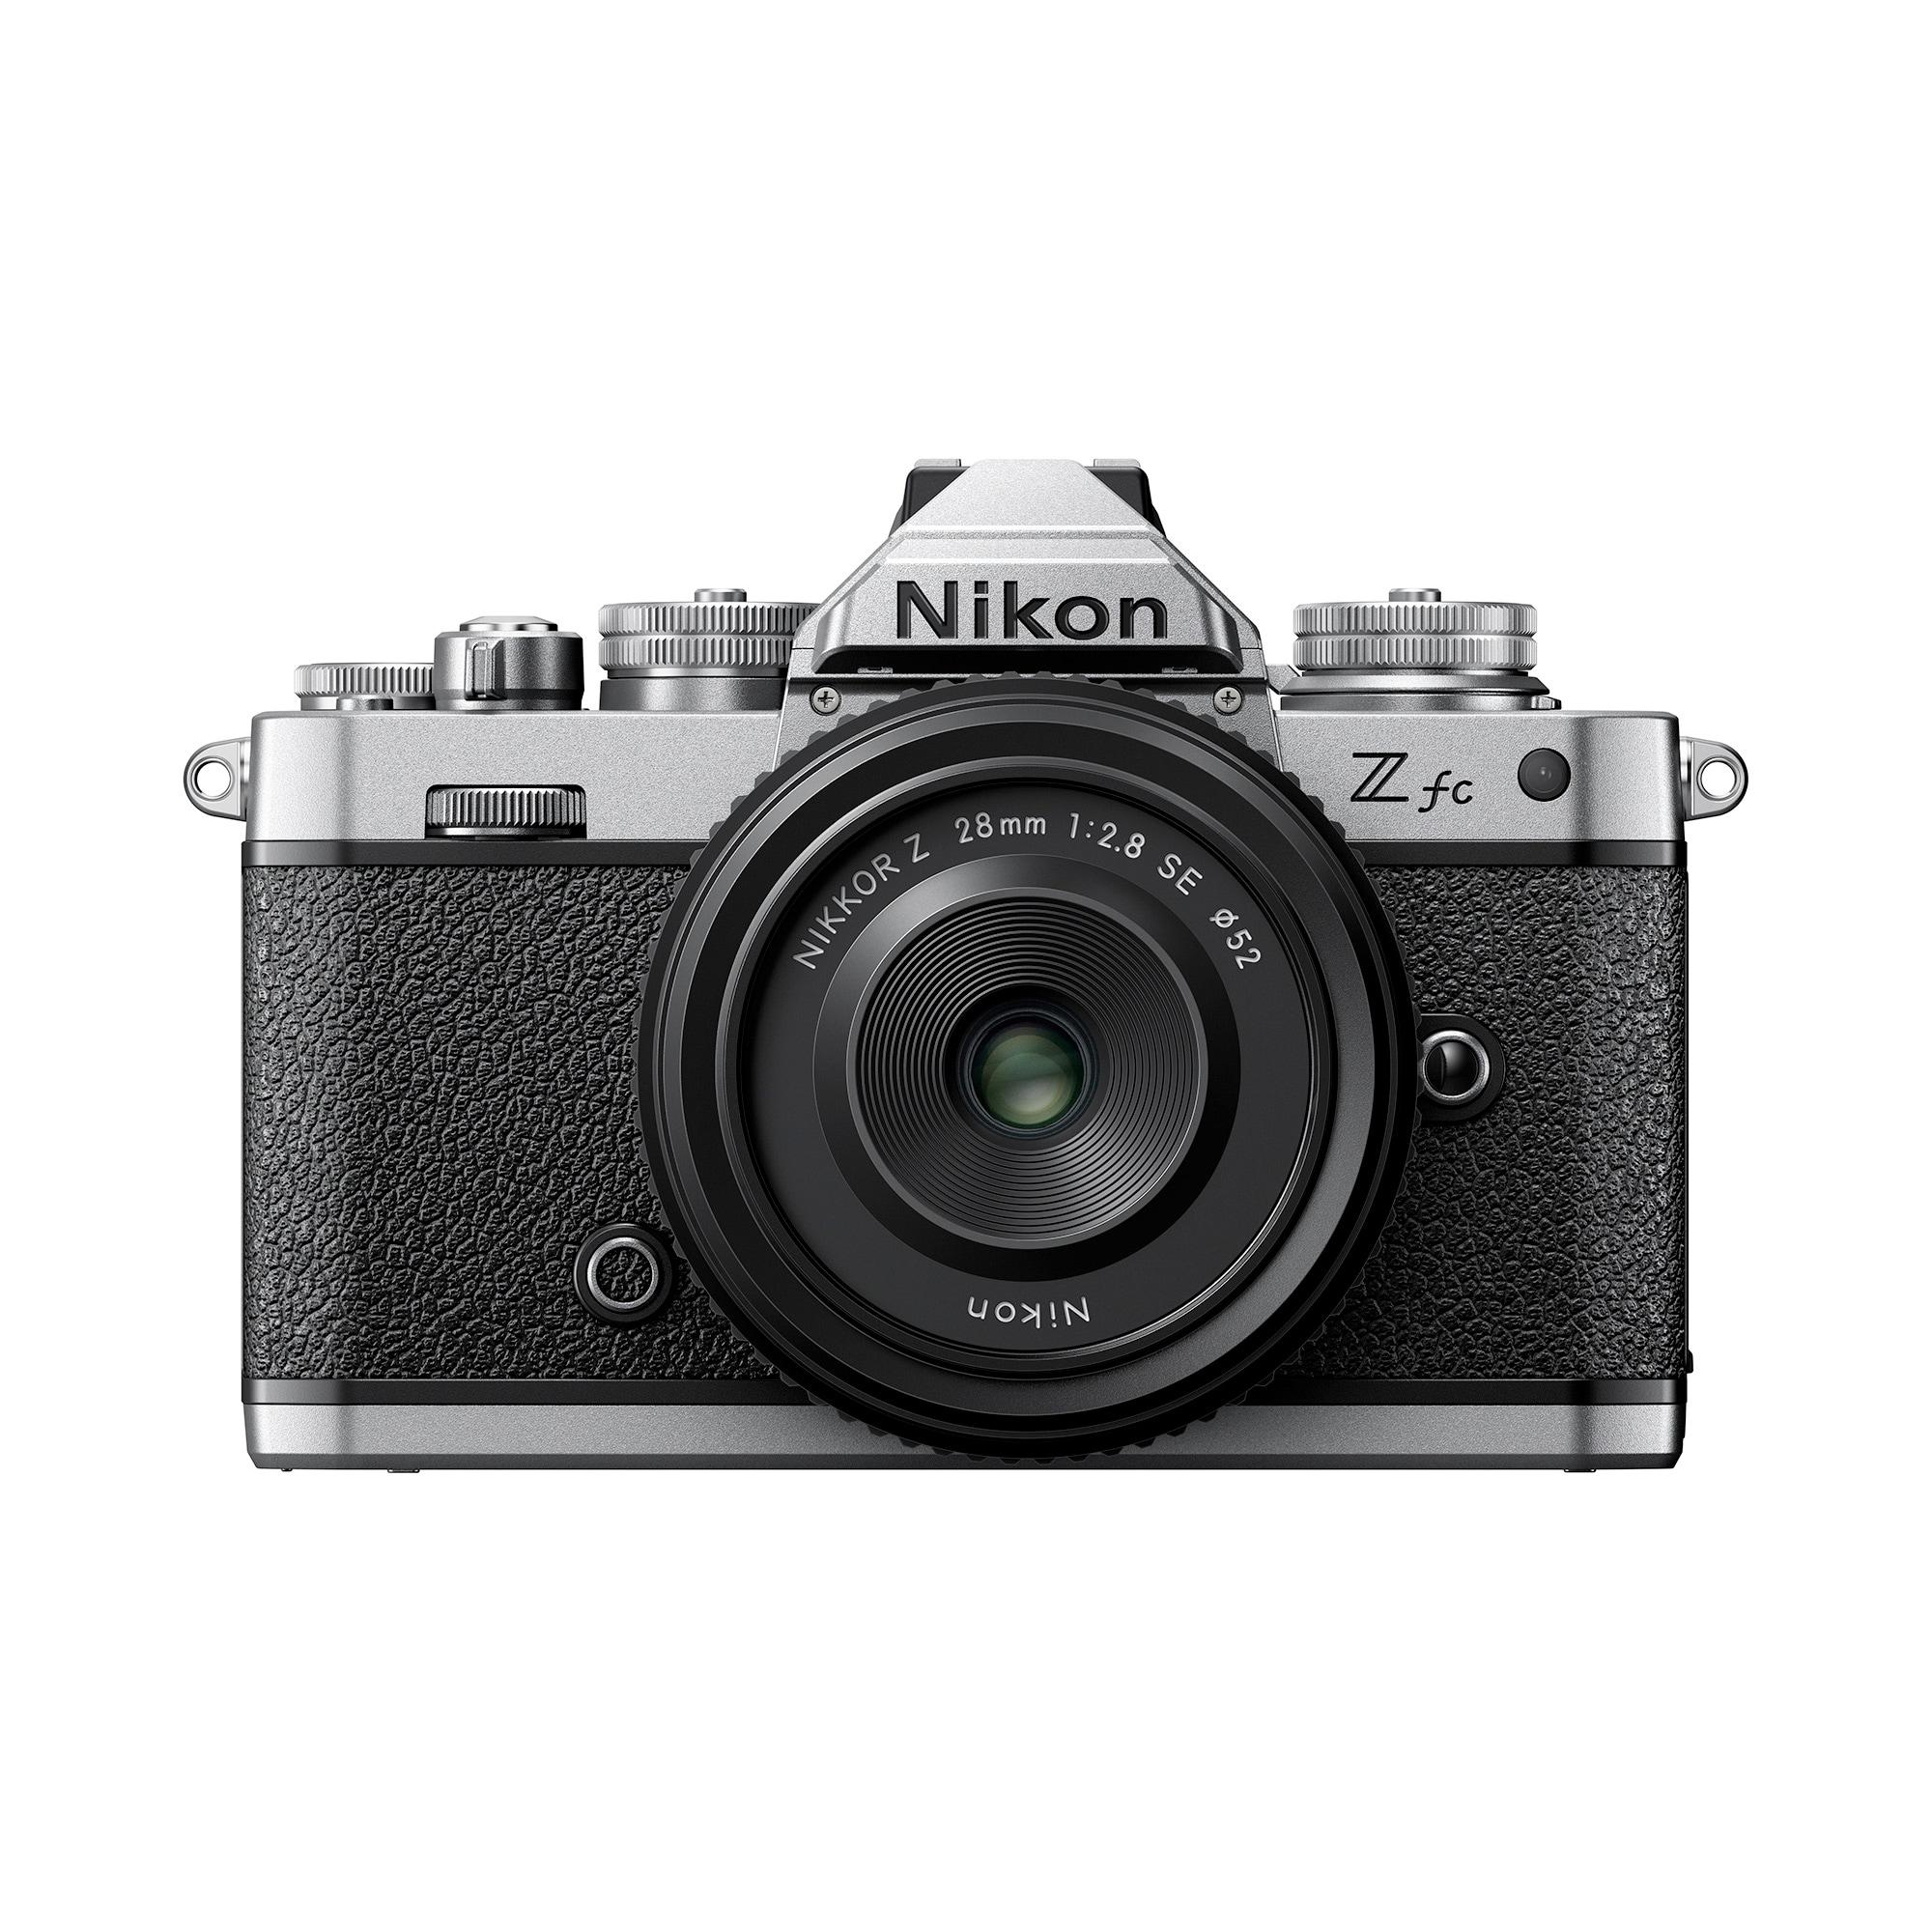 Nikon Z fc + Nikkor DX 28mm